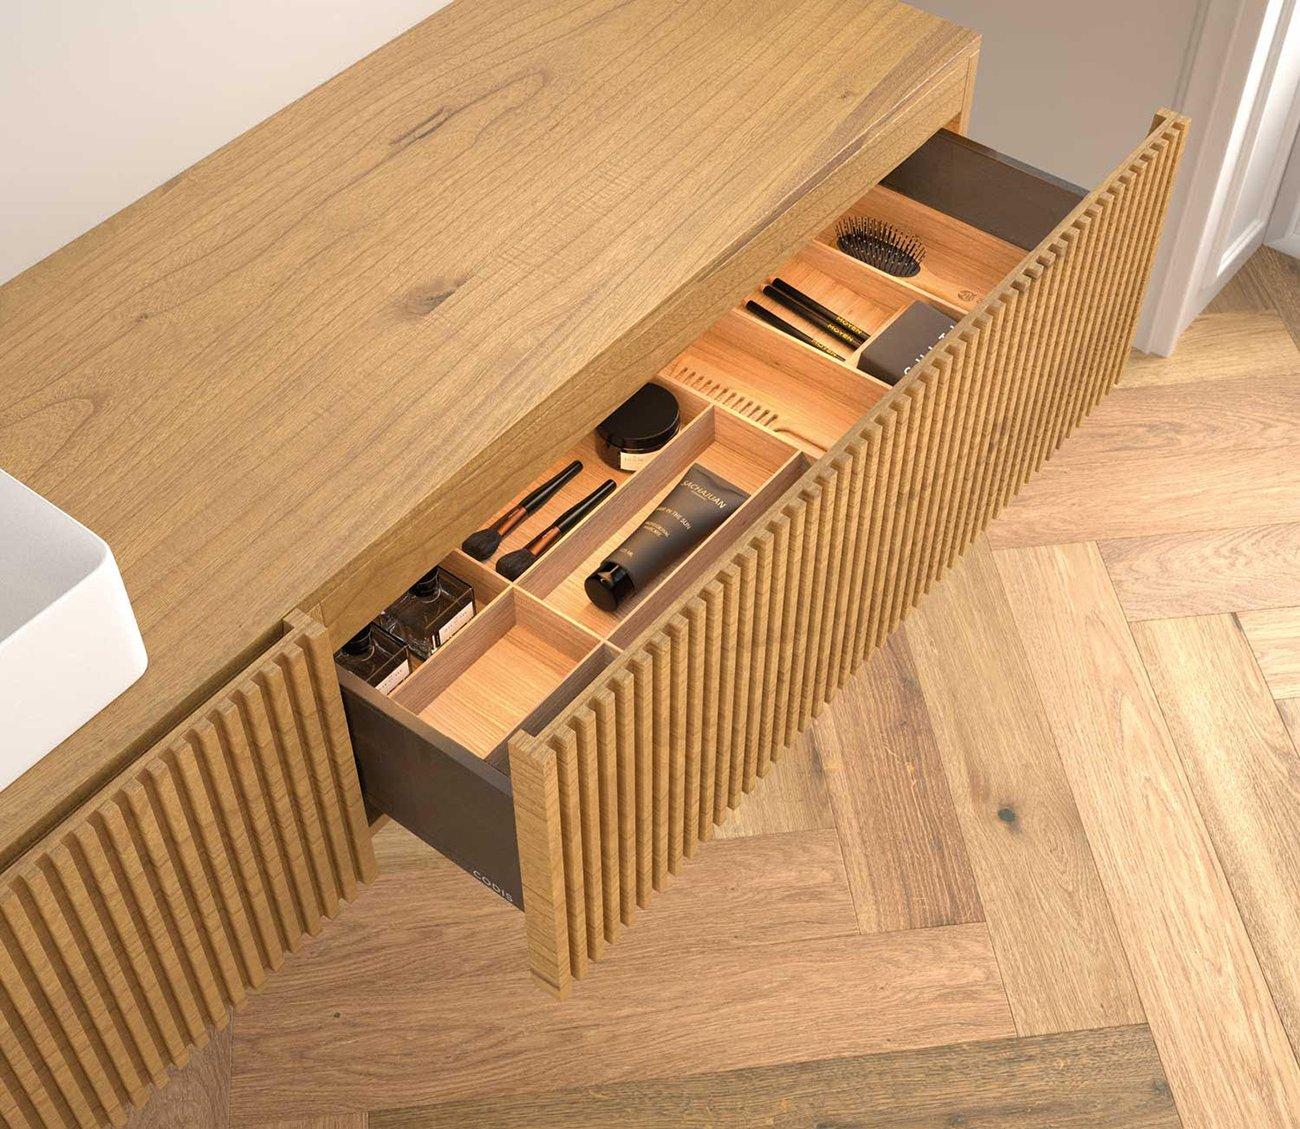 Mueble para baño C4 Steche con acabado miel, alistonado. Detalle cajones